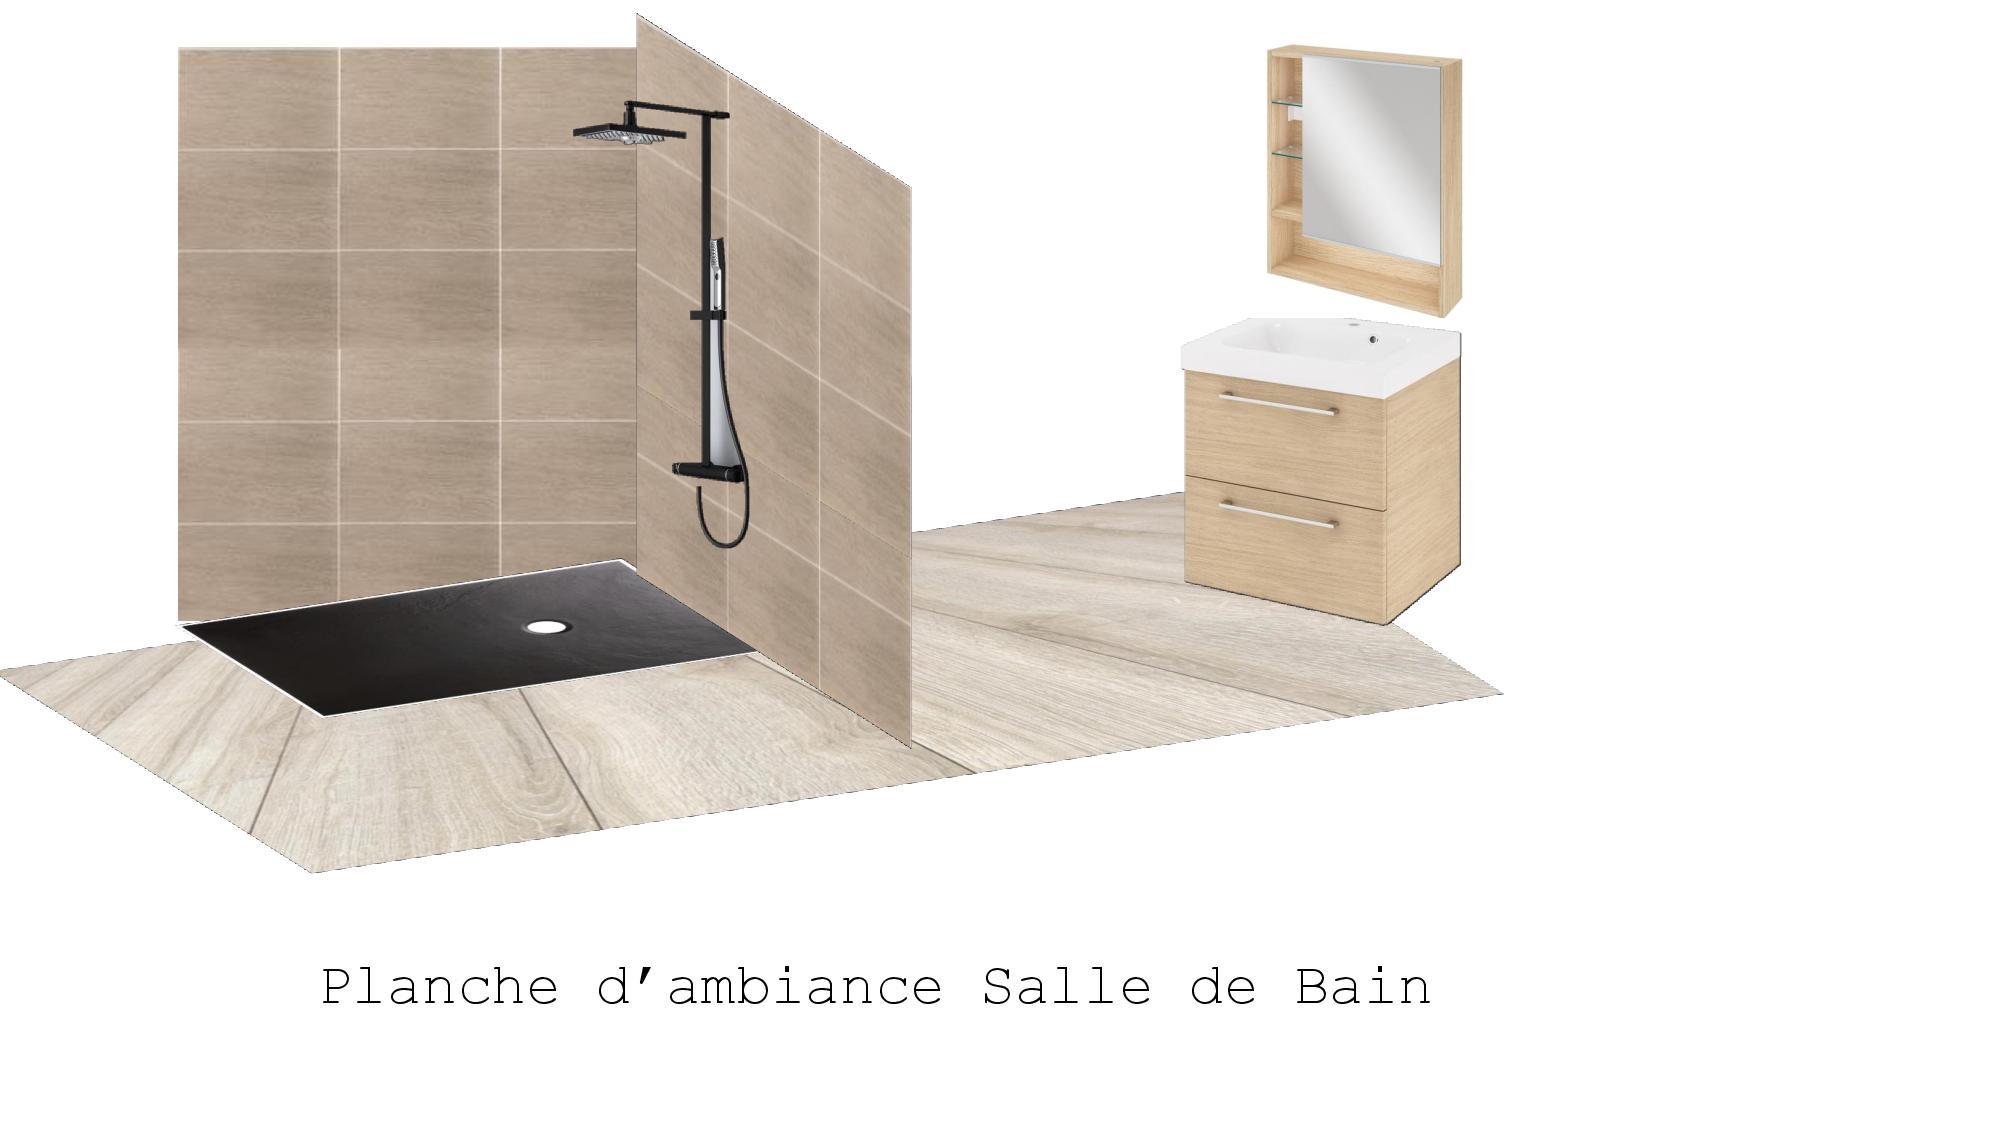 Planche d'ambiance salle de bain style industrielle